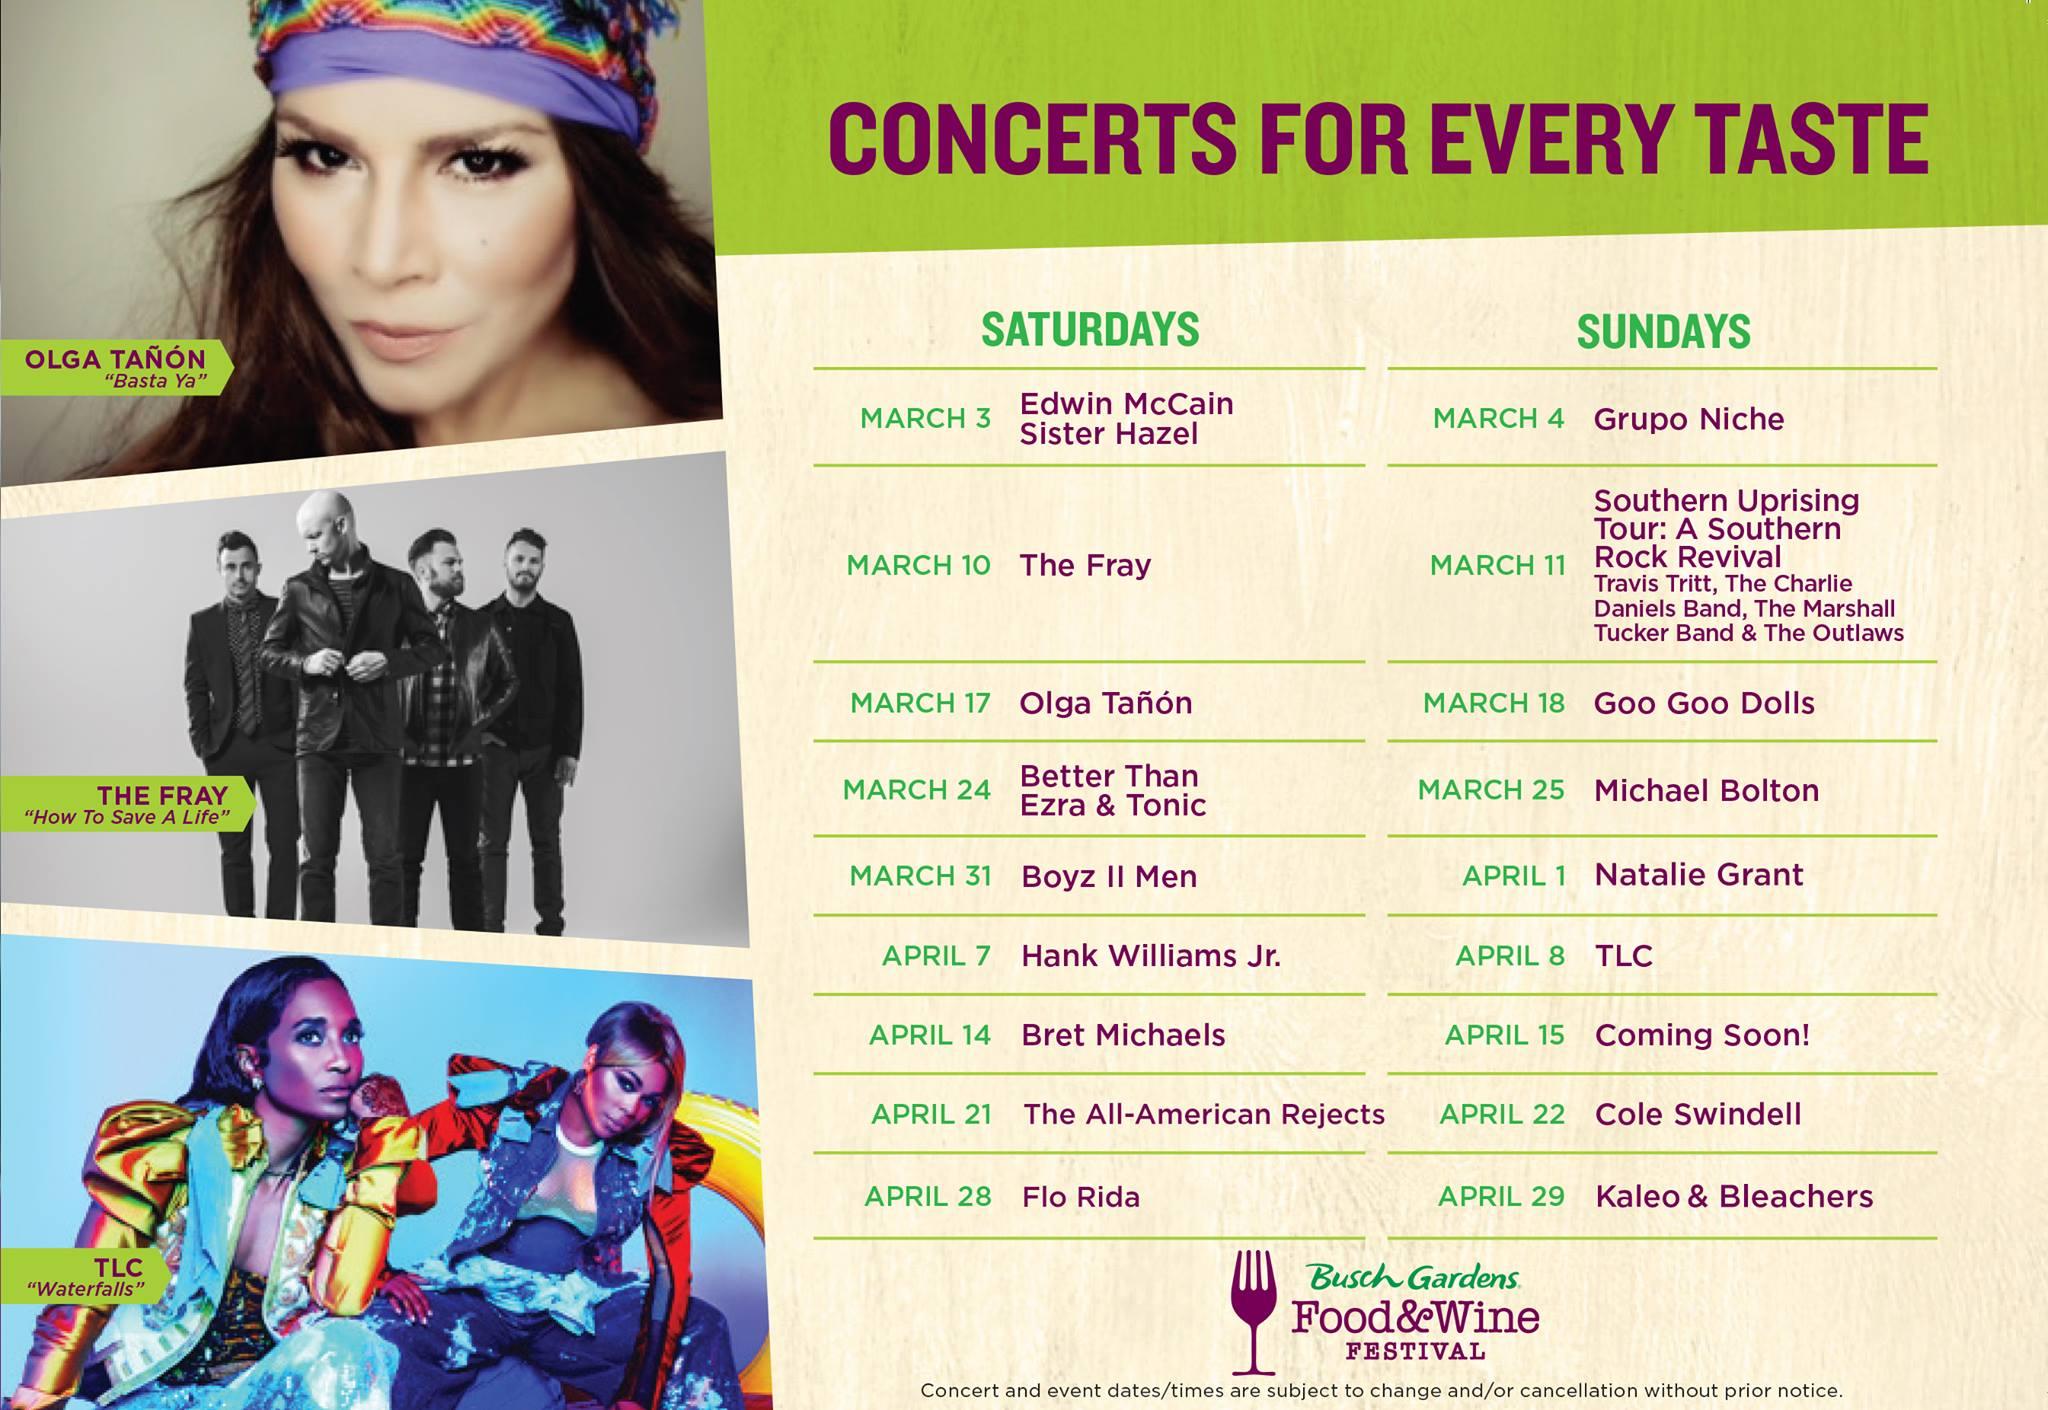 Busch Gardens 2018 Food & Wine Festival Concert Lineup